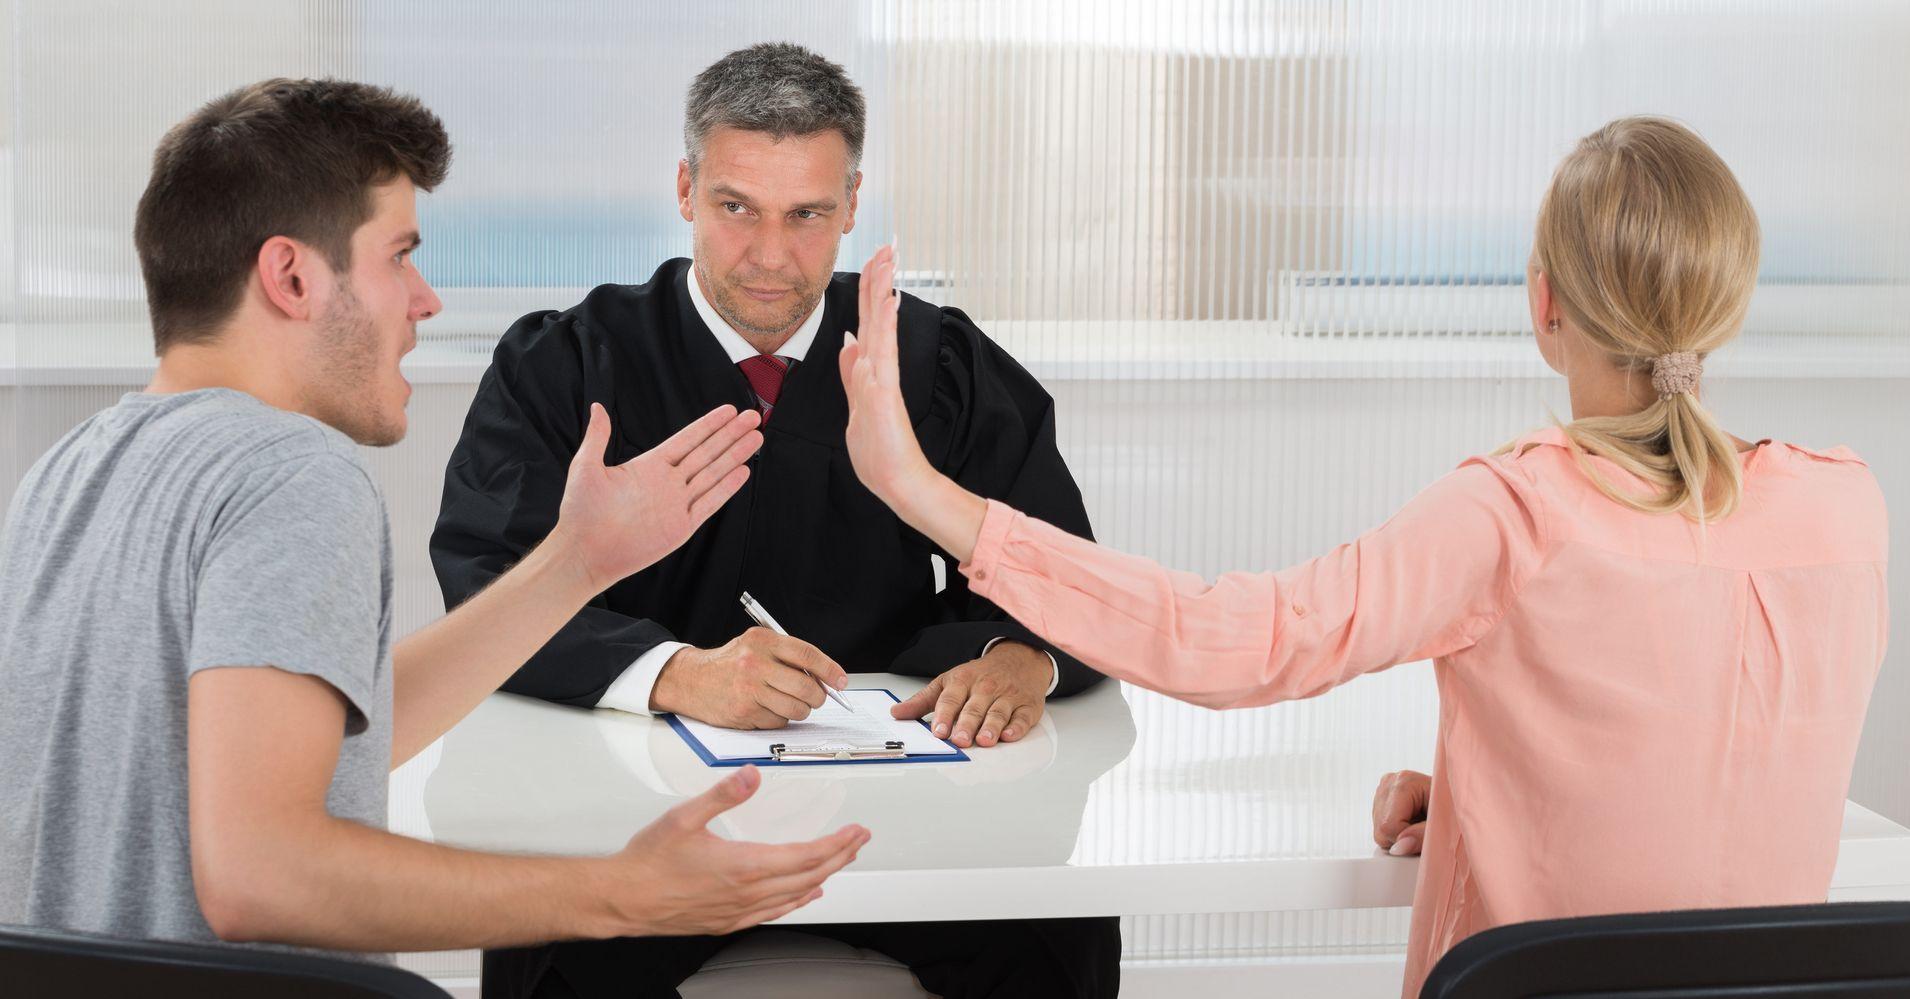 страны юридическая помощь женщинам при разводе женский форум шпаргалки